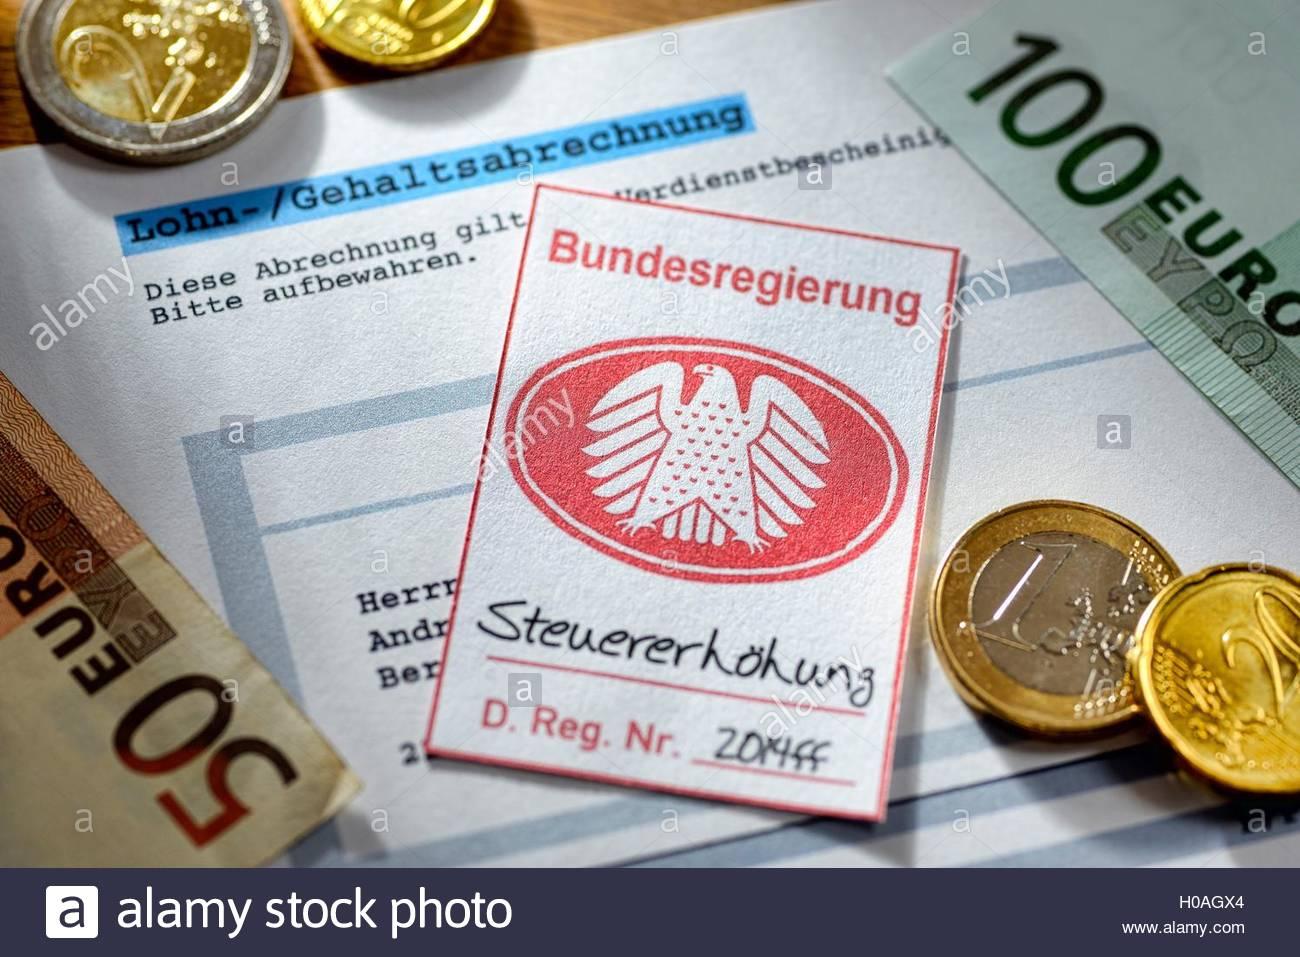 BLWX072940 [ (c) blickwinkel/McPHOTOx/Christian Ohde Tel. +49 (0)2302-2793220, E-mail: info@blickwinkel.de, Internet: Stock Photo